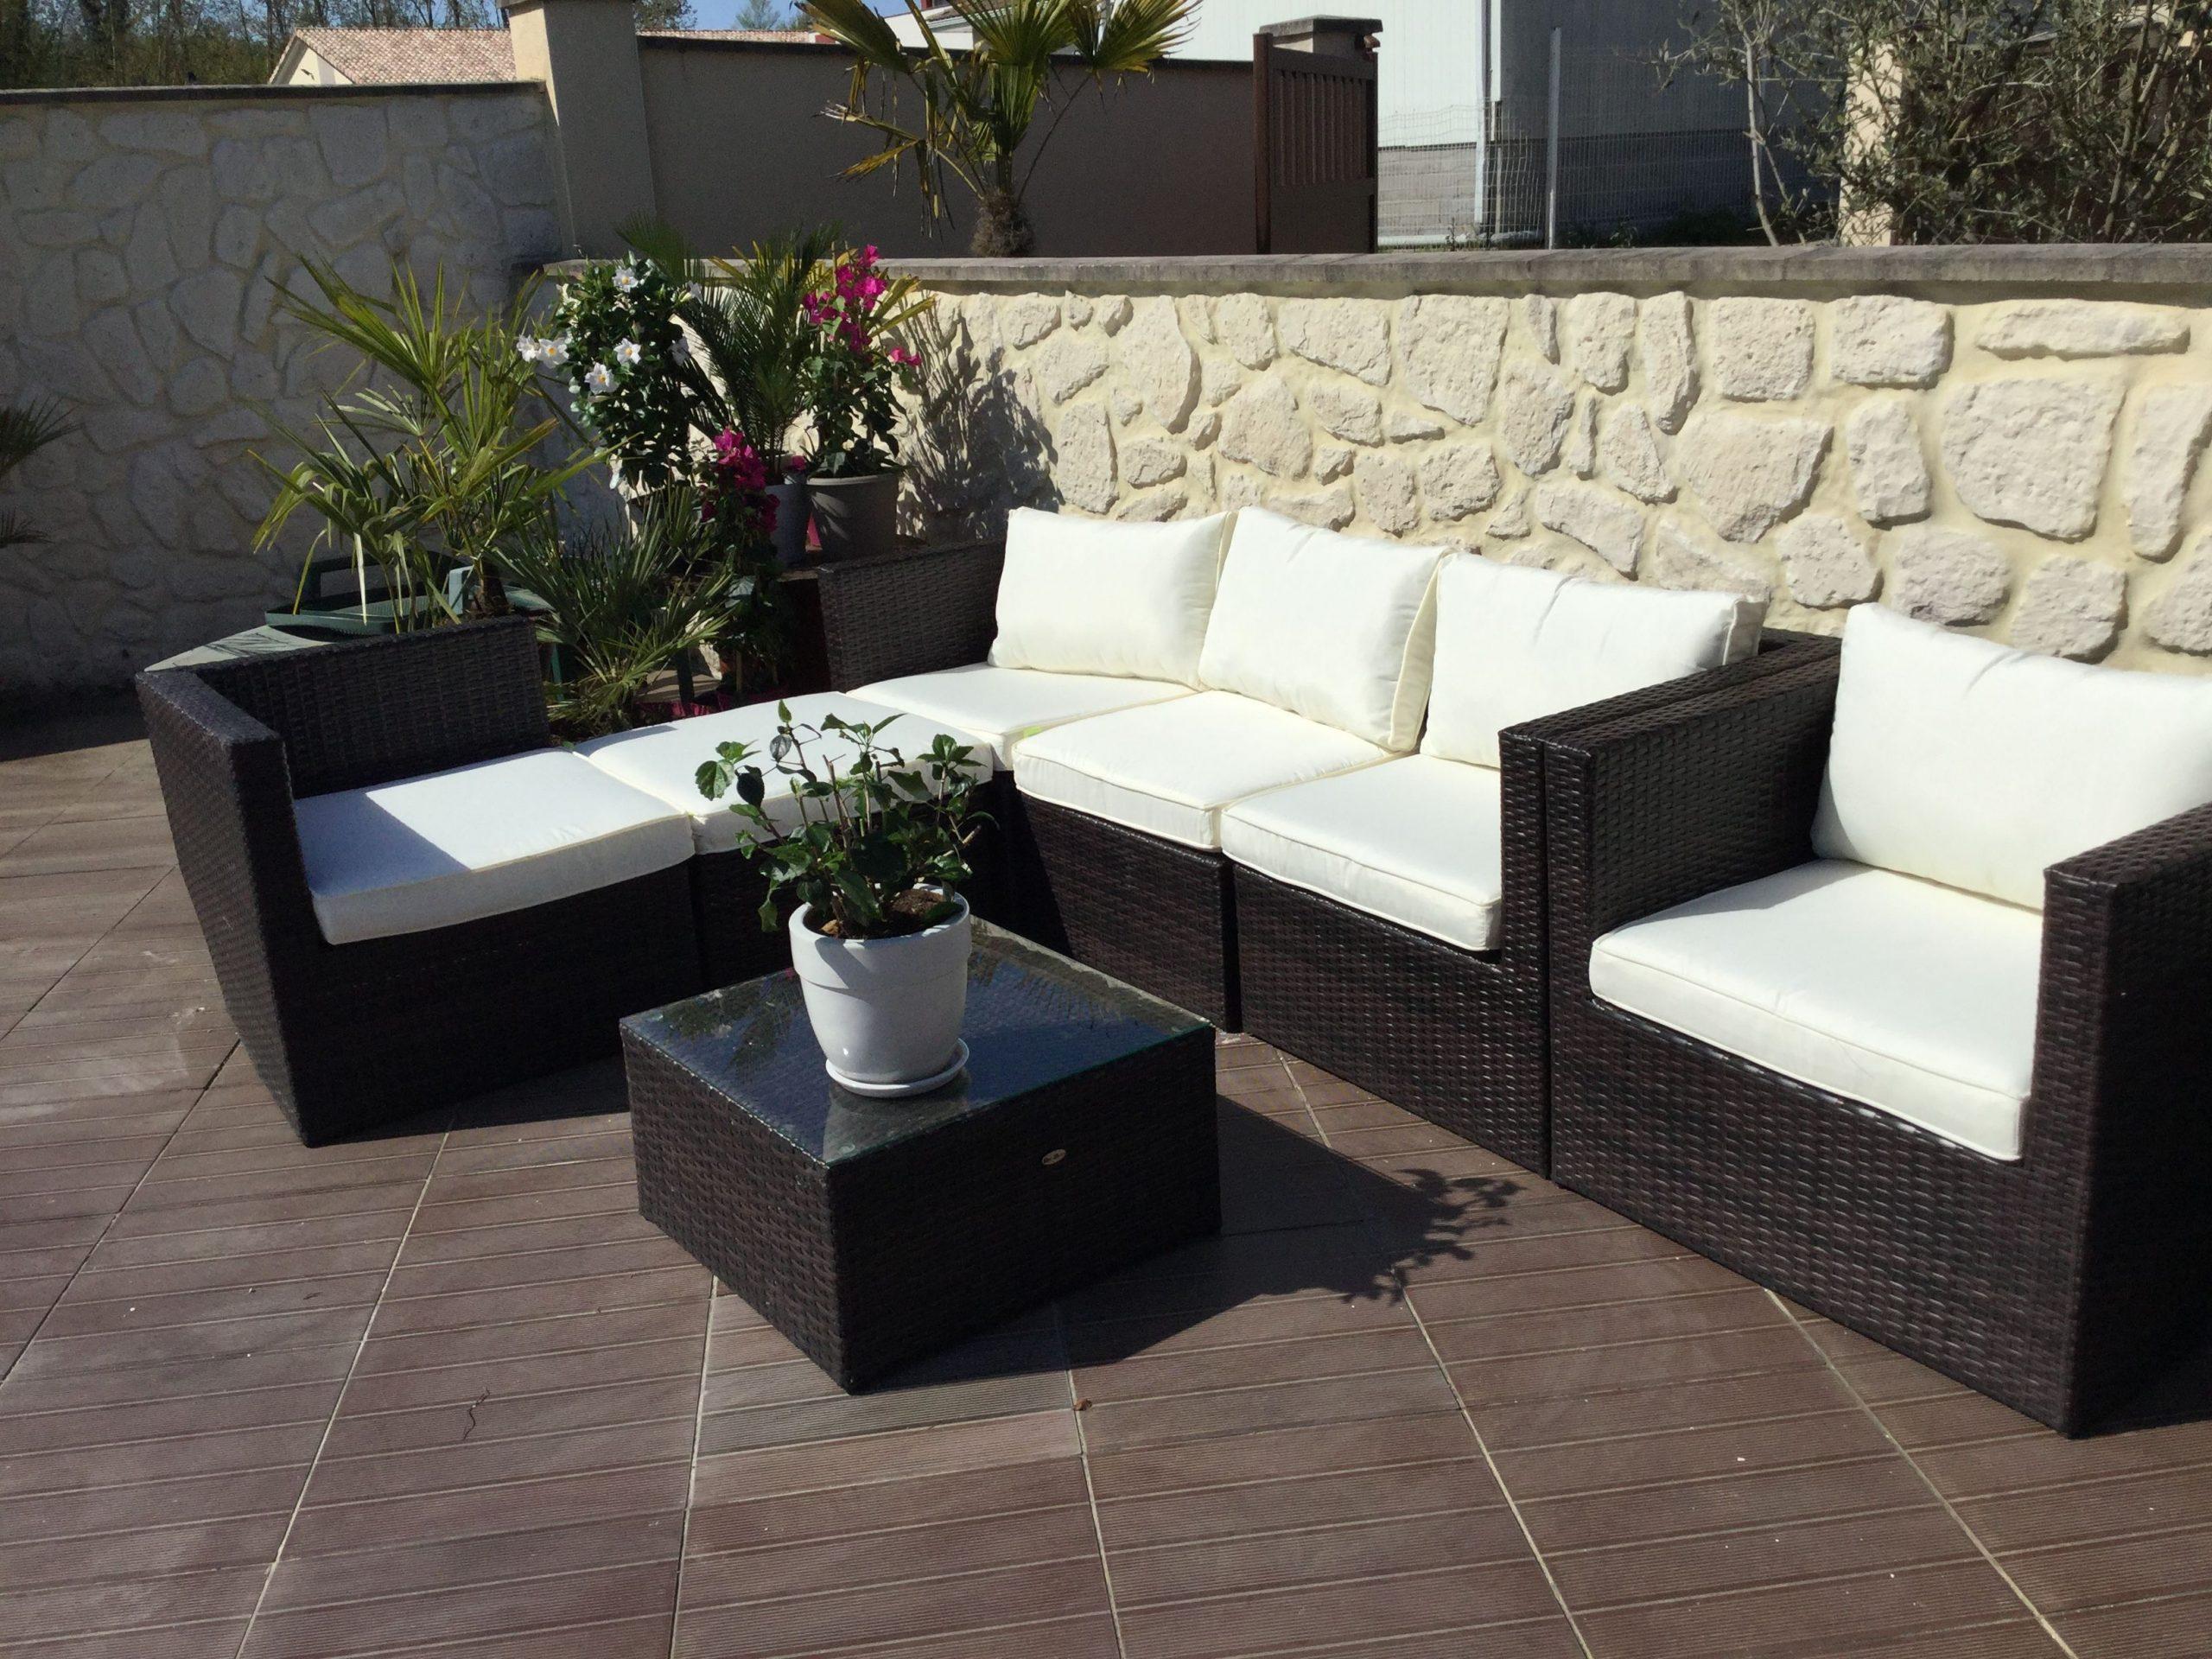 Benito | Agrément De Jardin, Mobilier Jardin Et Canapé Jardin tout Salon De Jardin Confortable